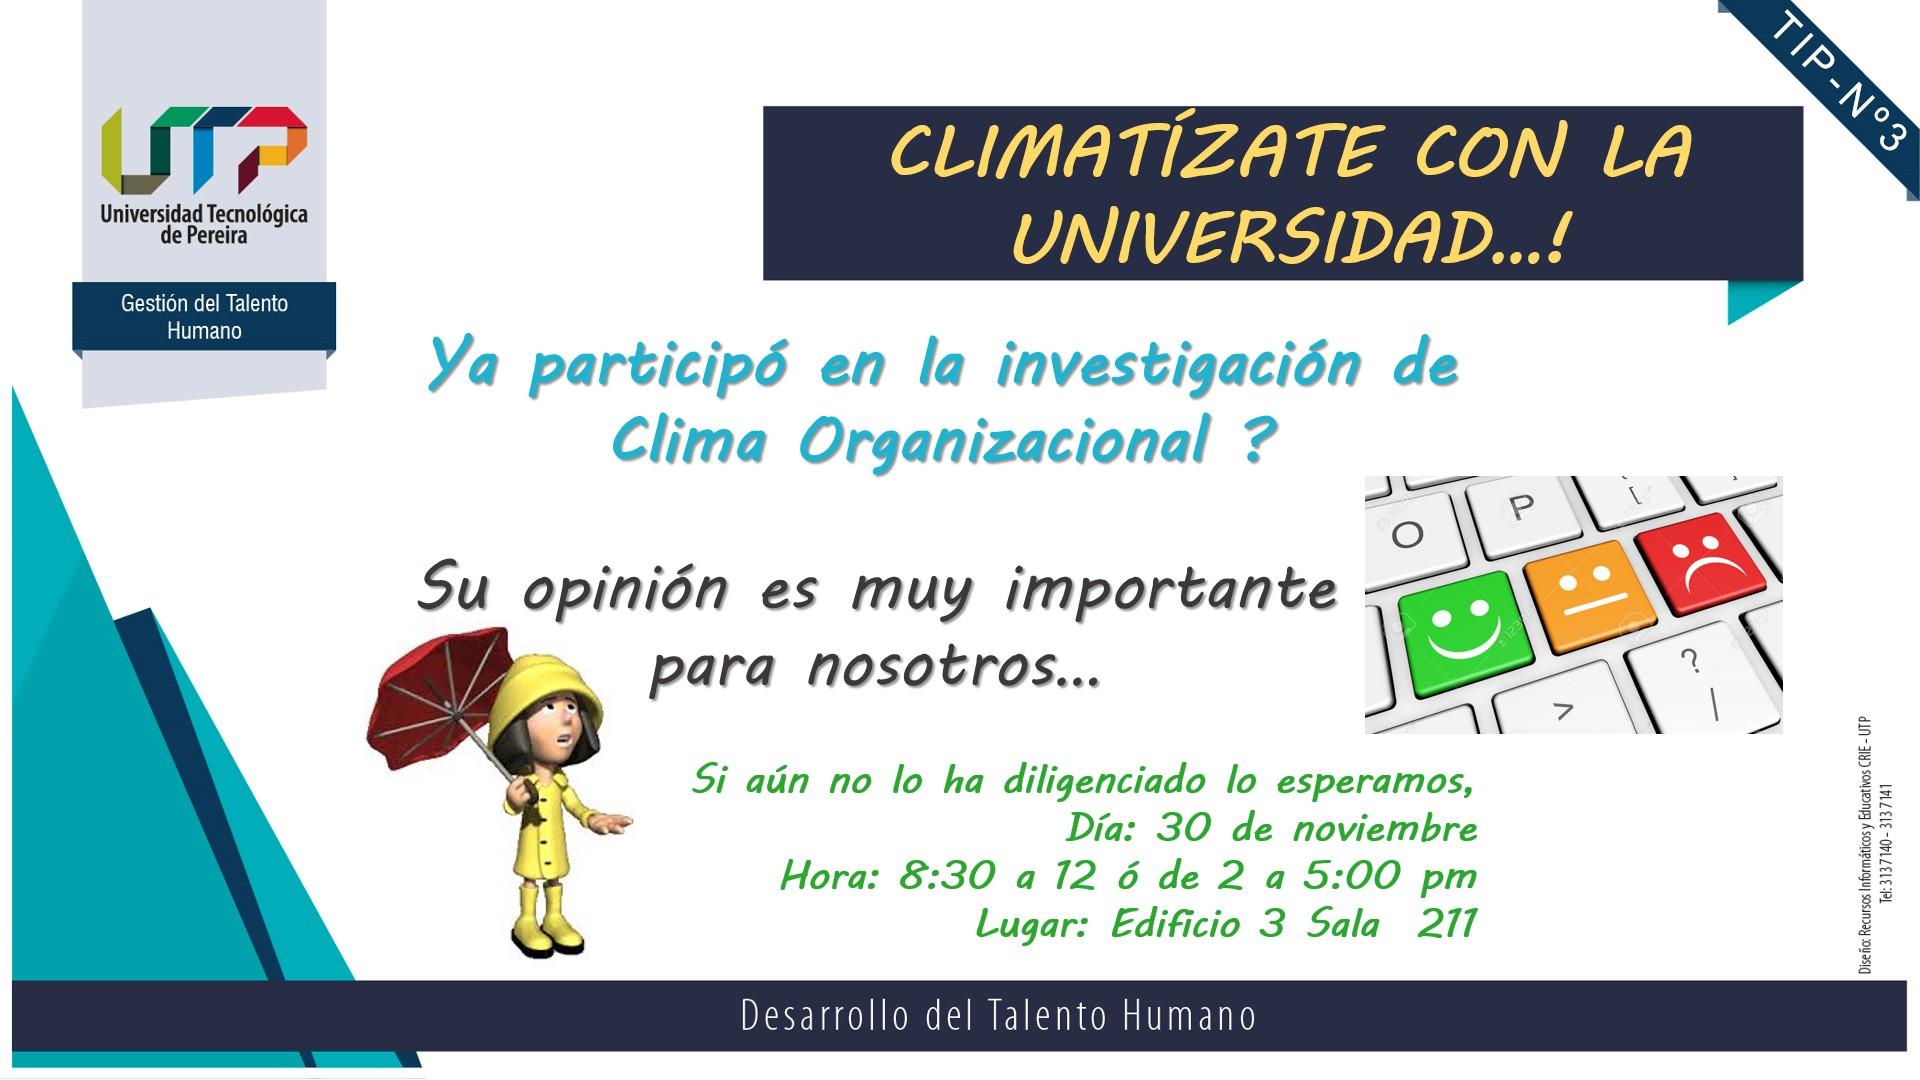 Climatízate con la Universidad – ¡Participa!